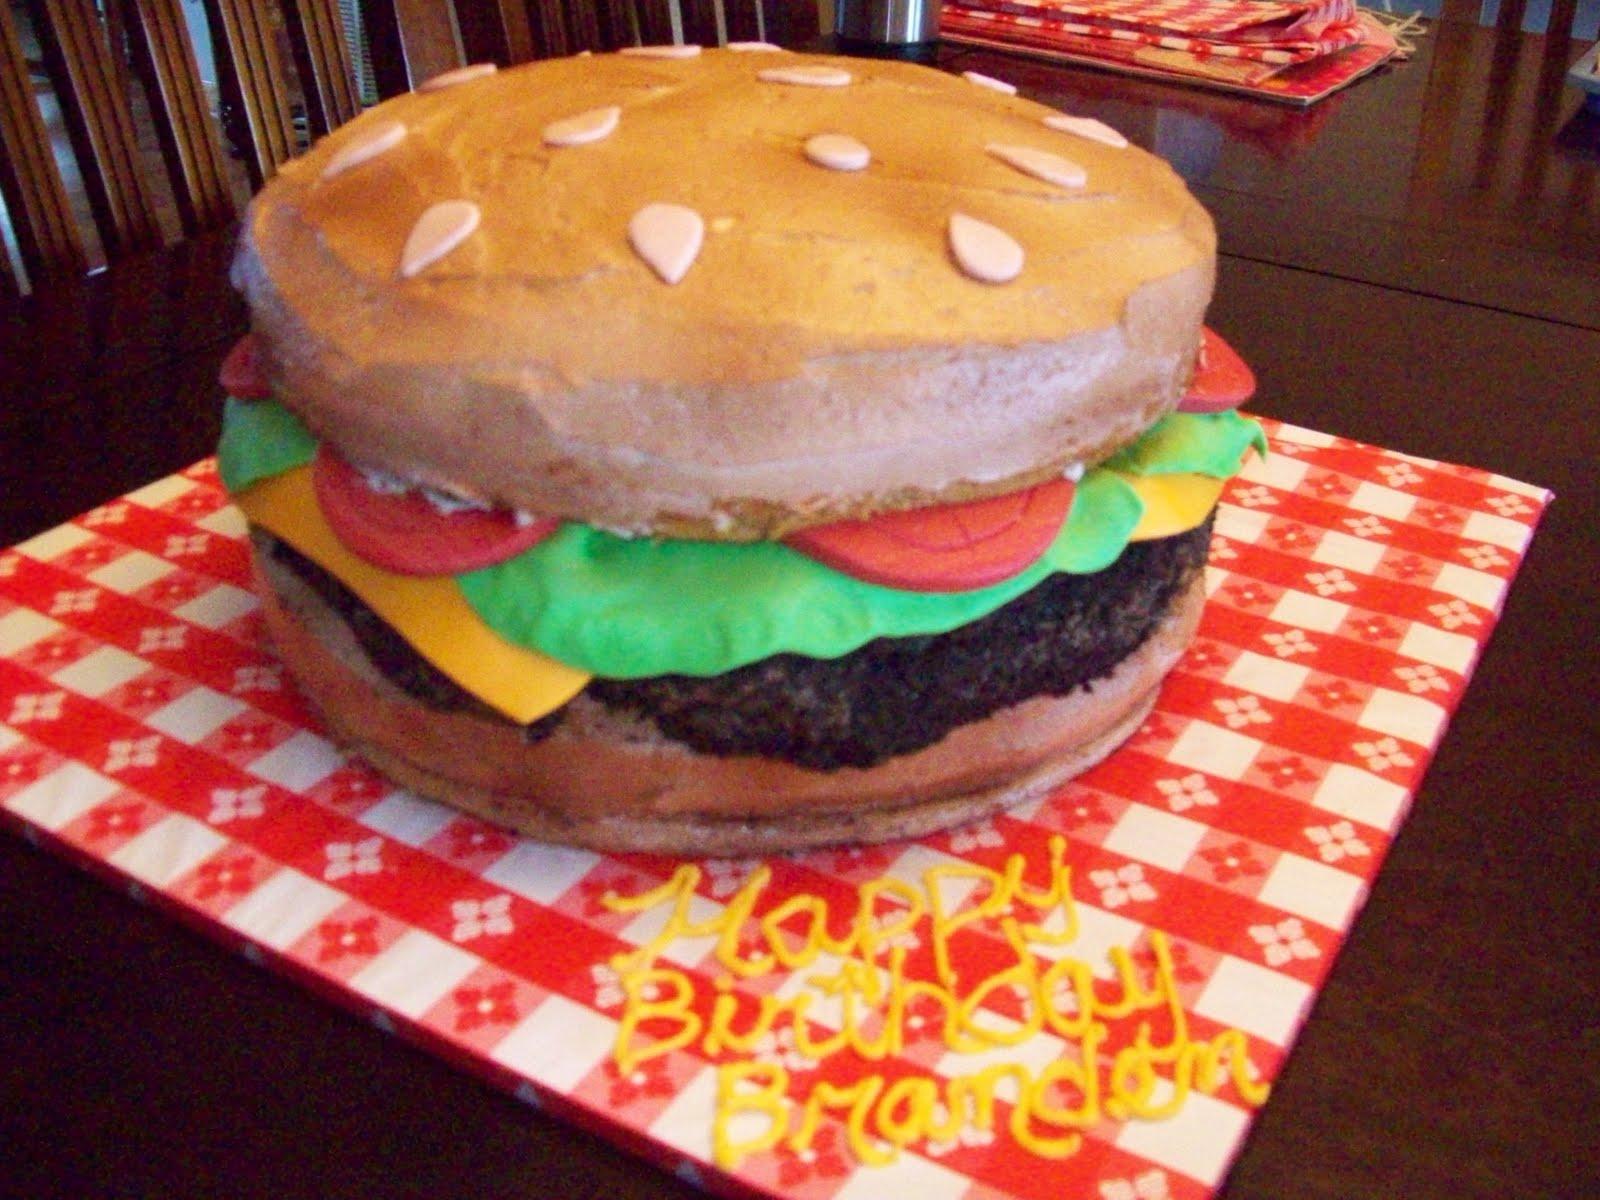 The Cake Bowtique Creative Cakes Gallery Happy Birthday Branden